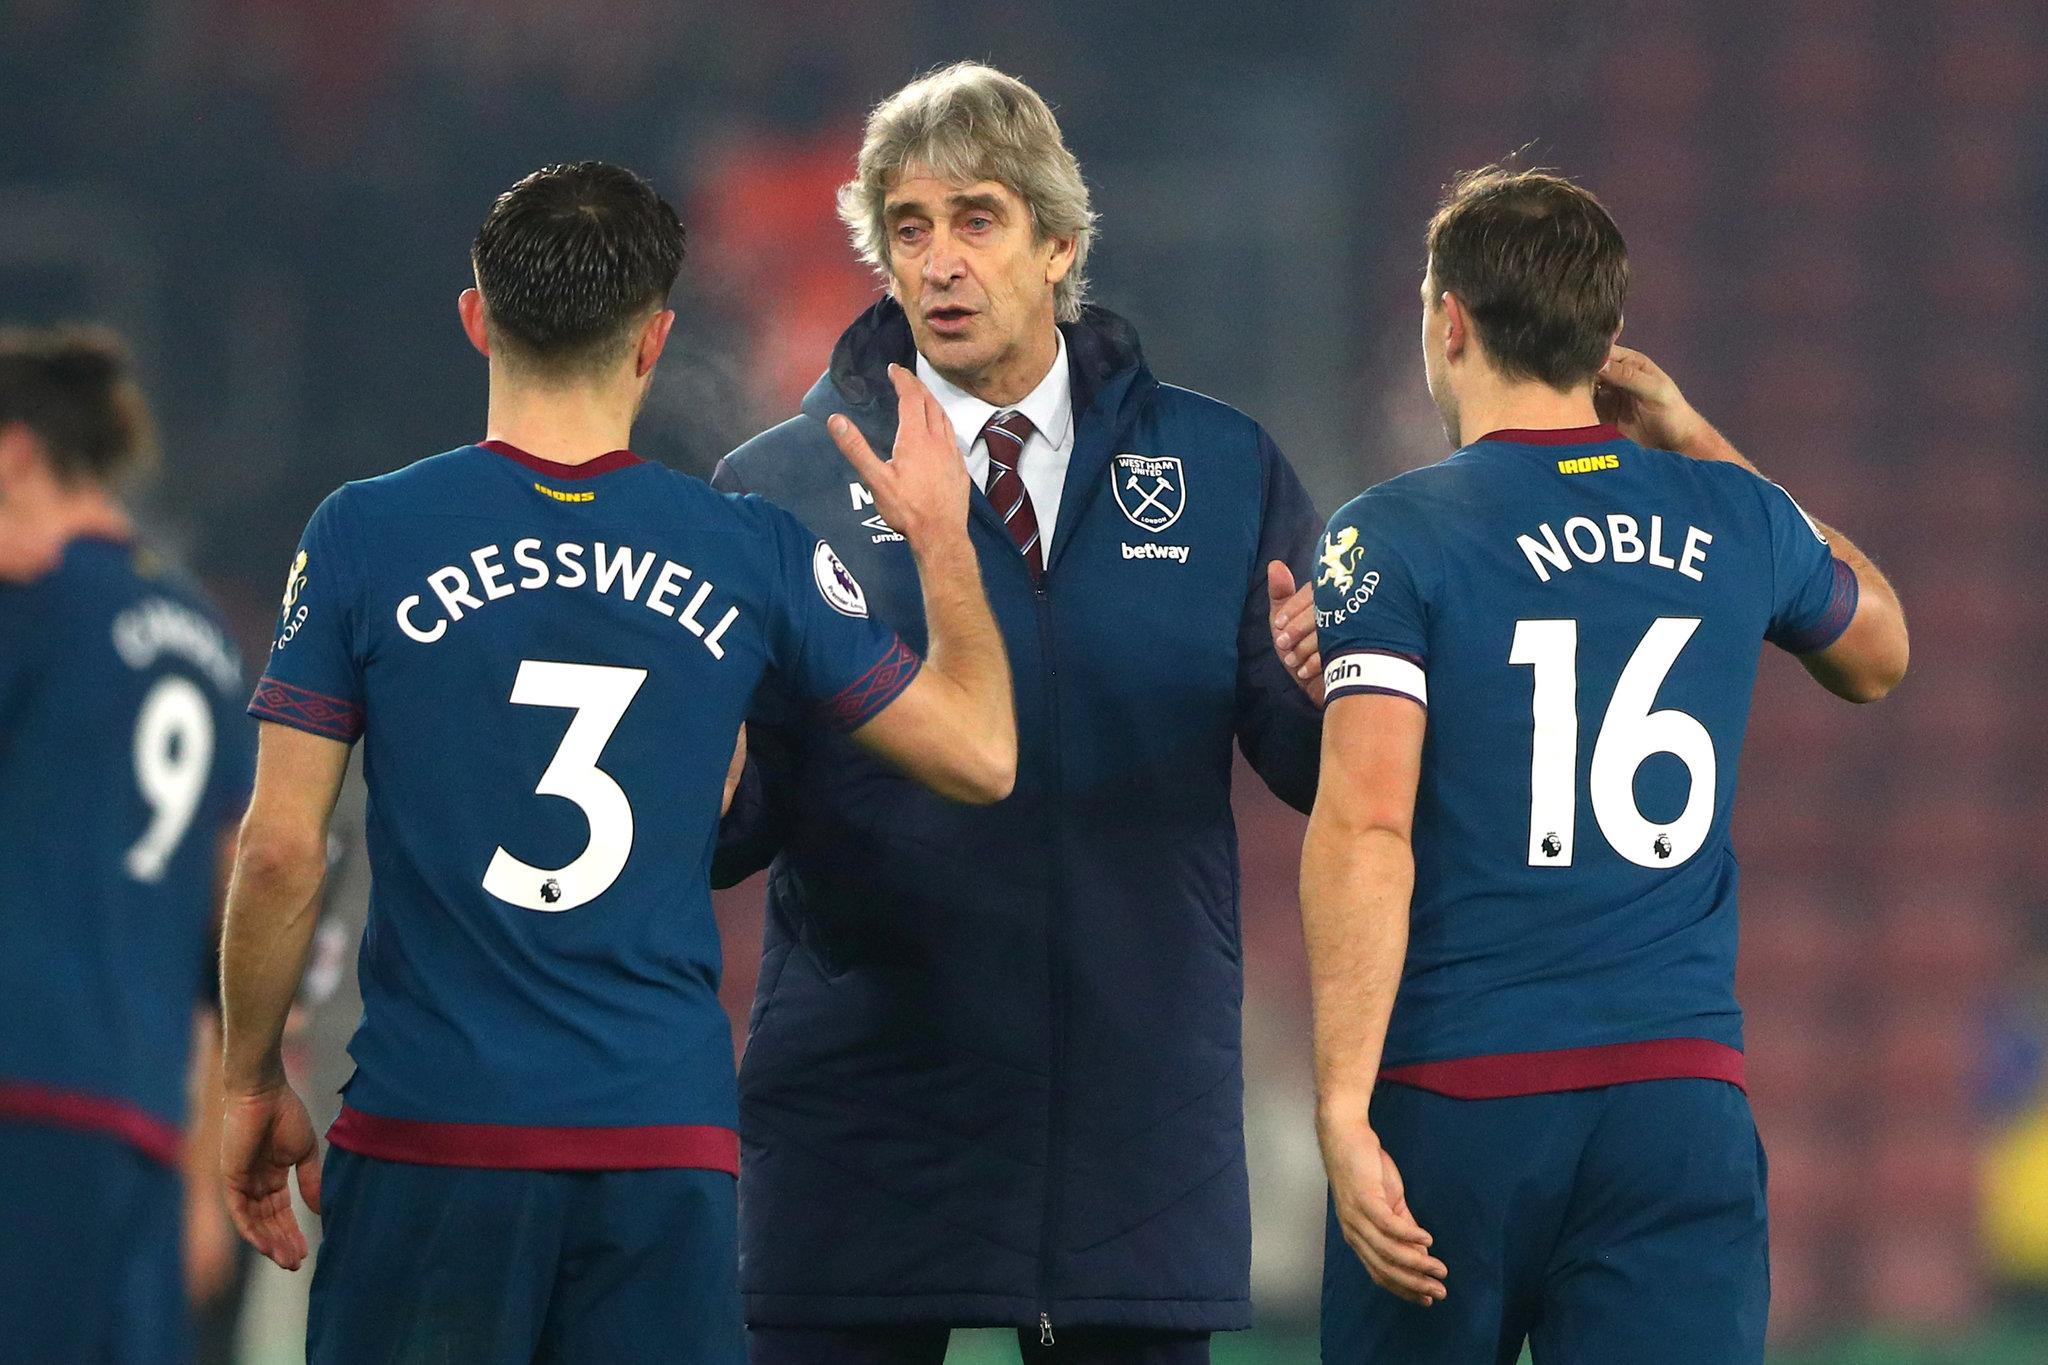 ca2faaa7e Premier League  The West Ham of Chicharito and Pellegrini are ...